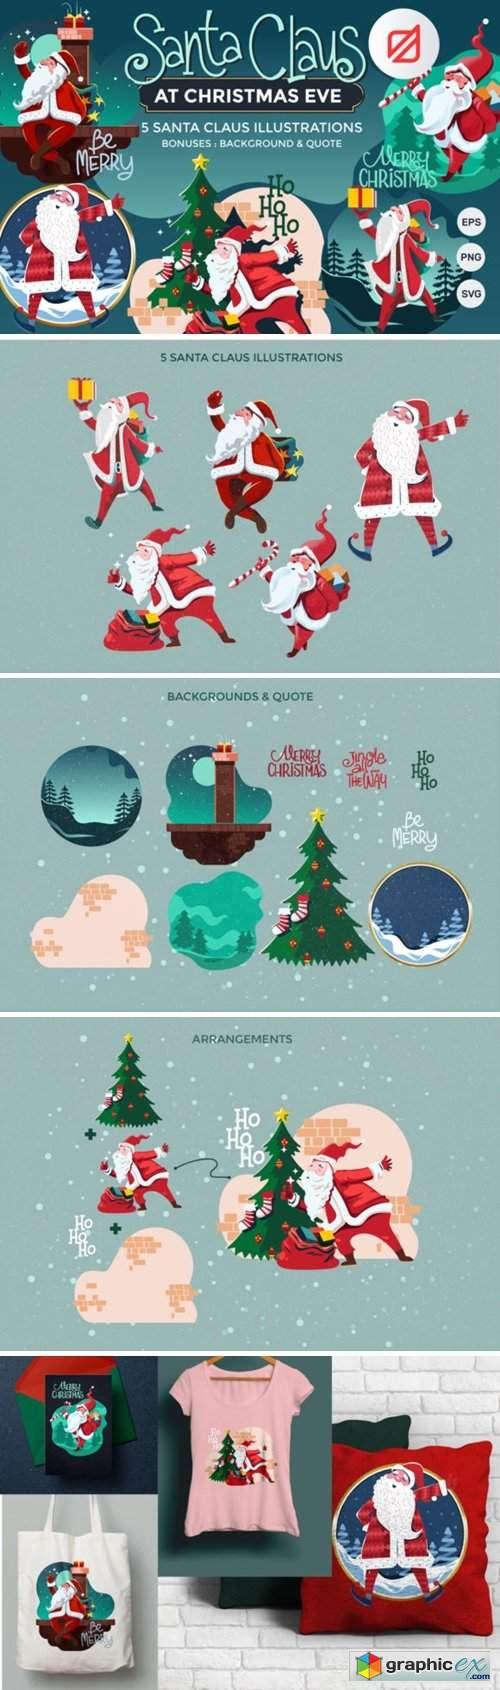 Santa Claus at Christmas Eve